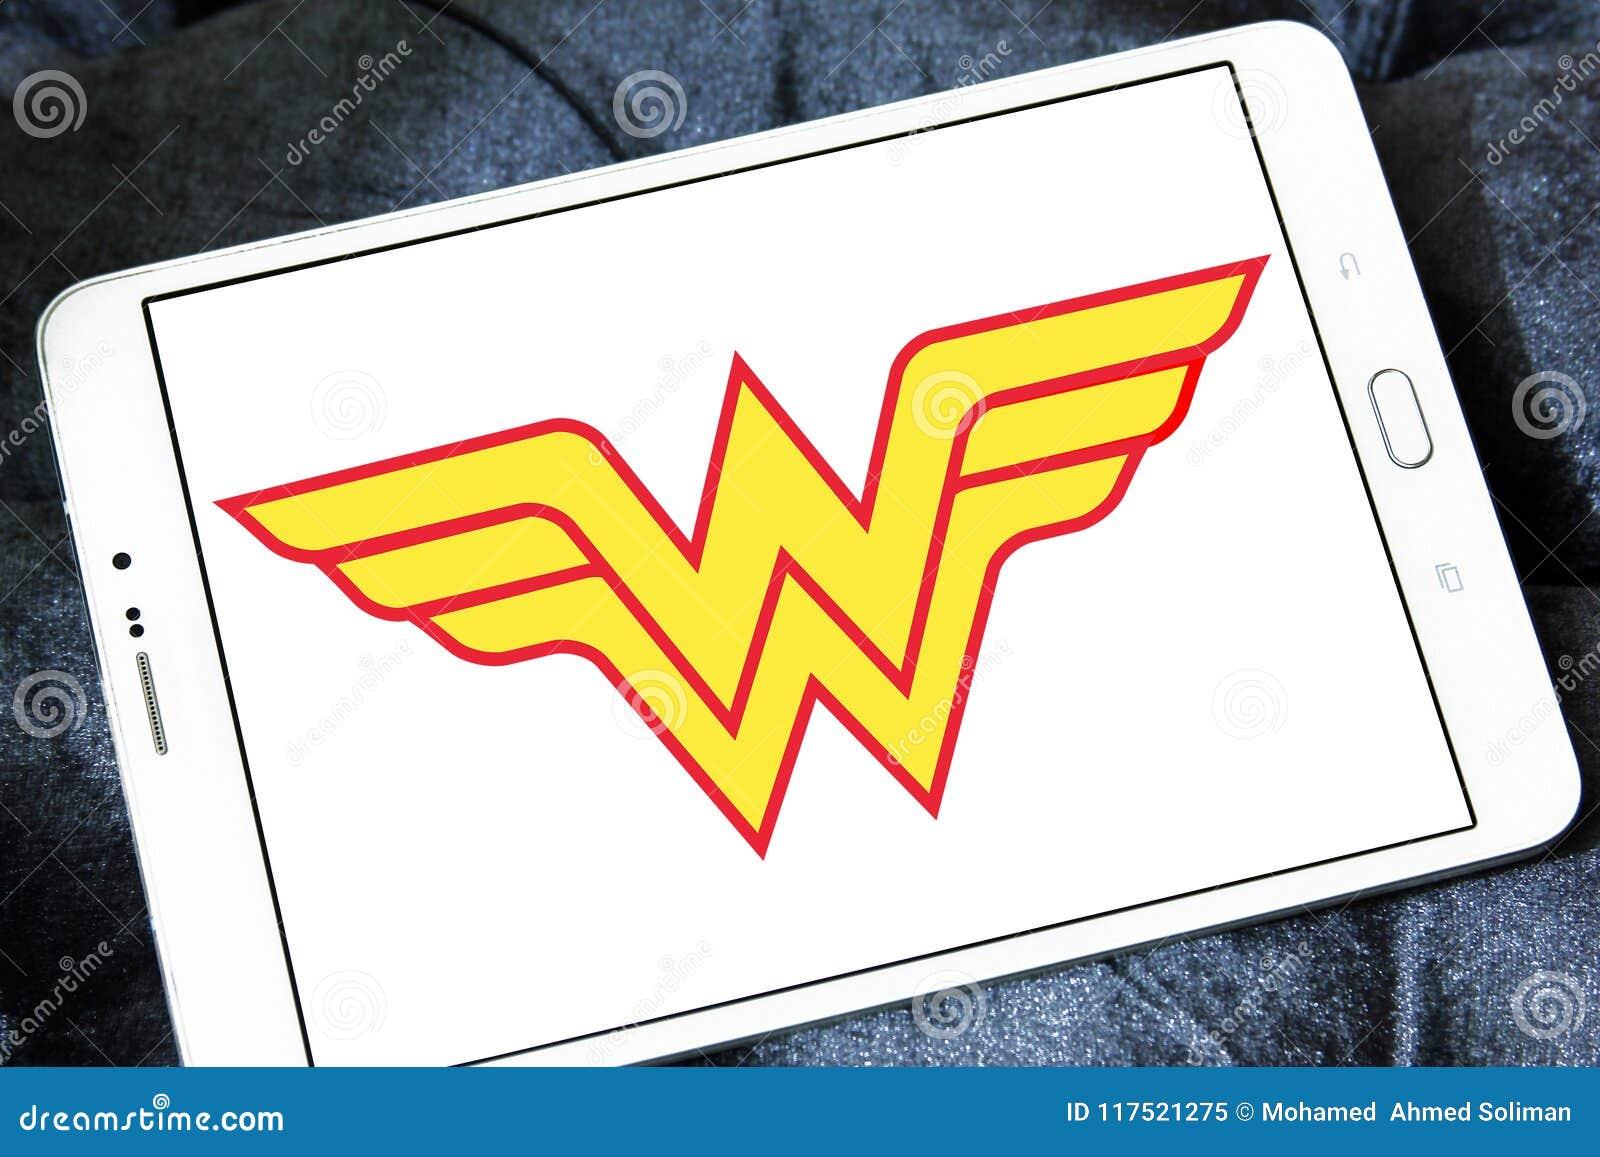 Logotipo Da Mulher Maravilha Imagem Editorial Imagem De Livros